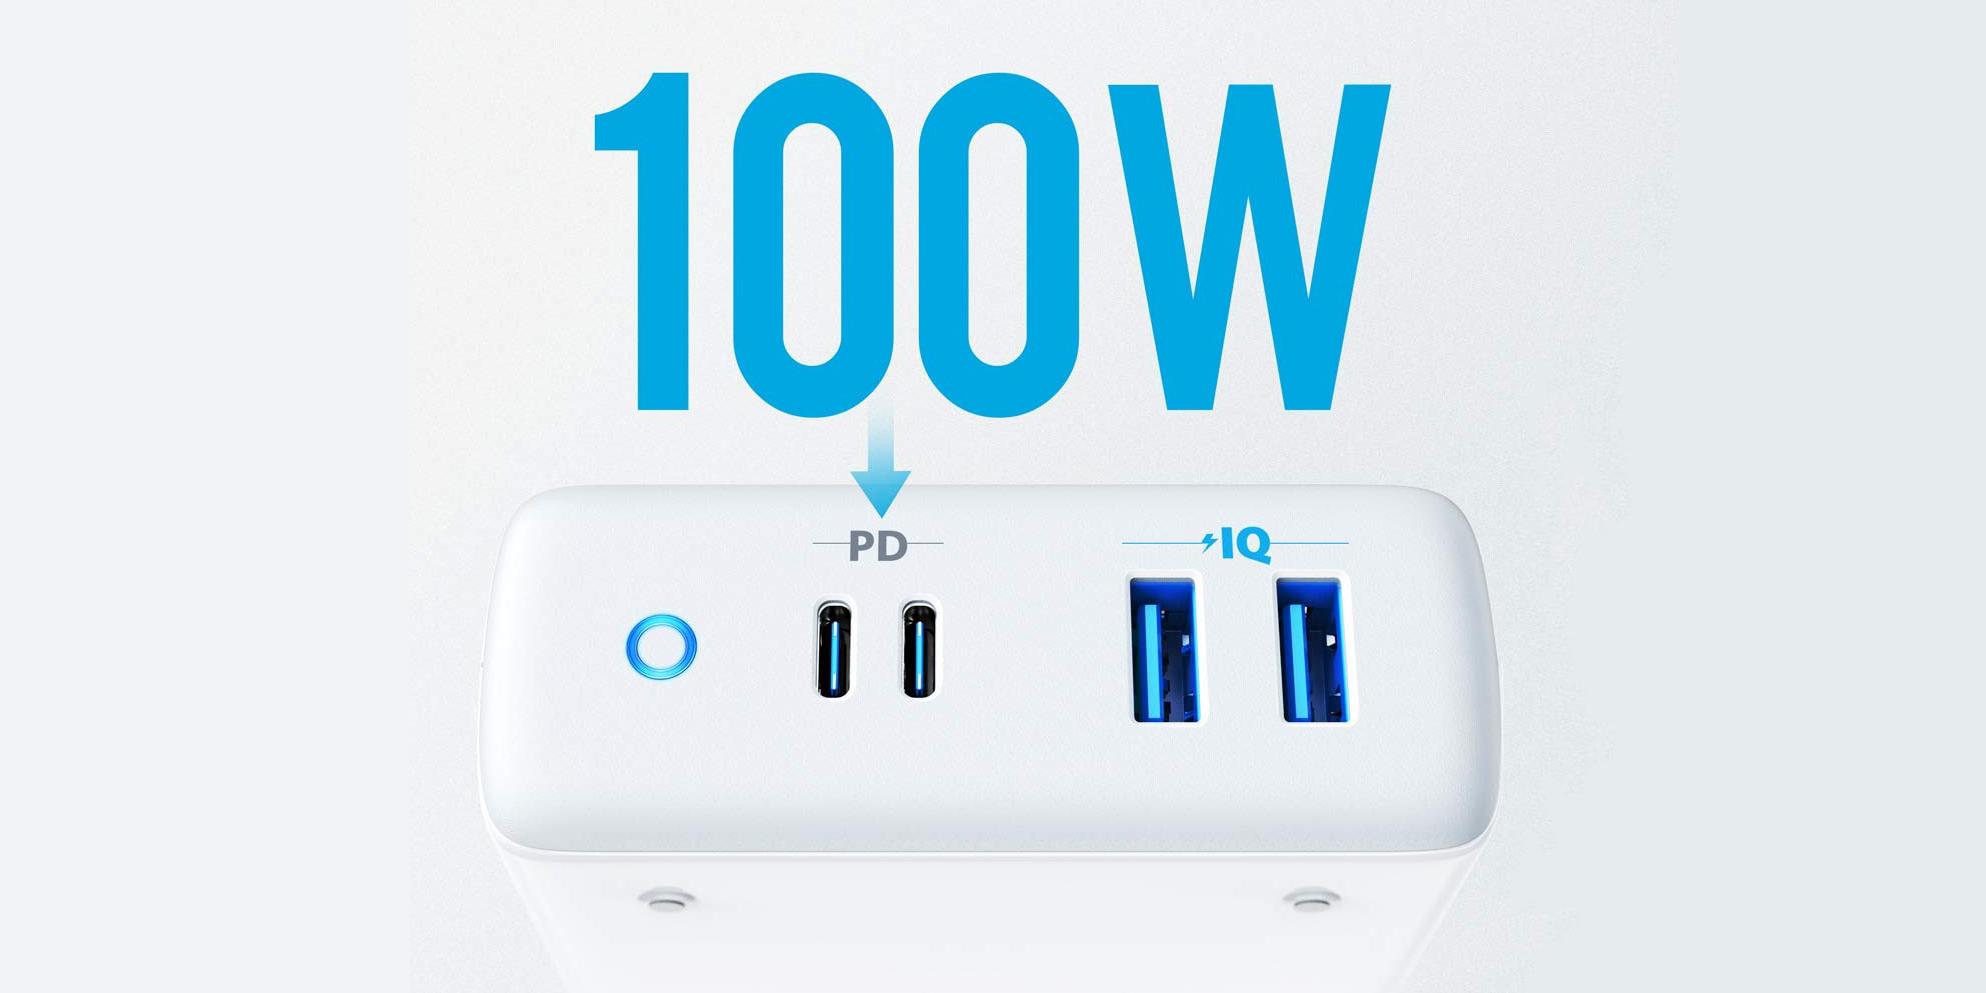 Anker PowerPort Atom offers 100w charging speeds